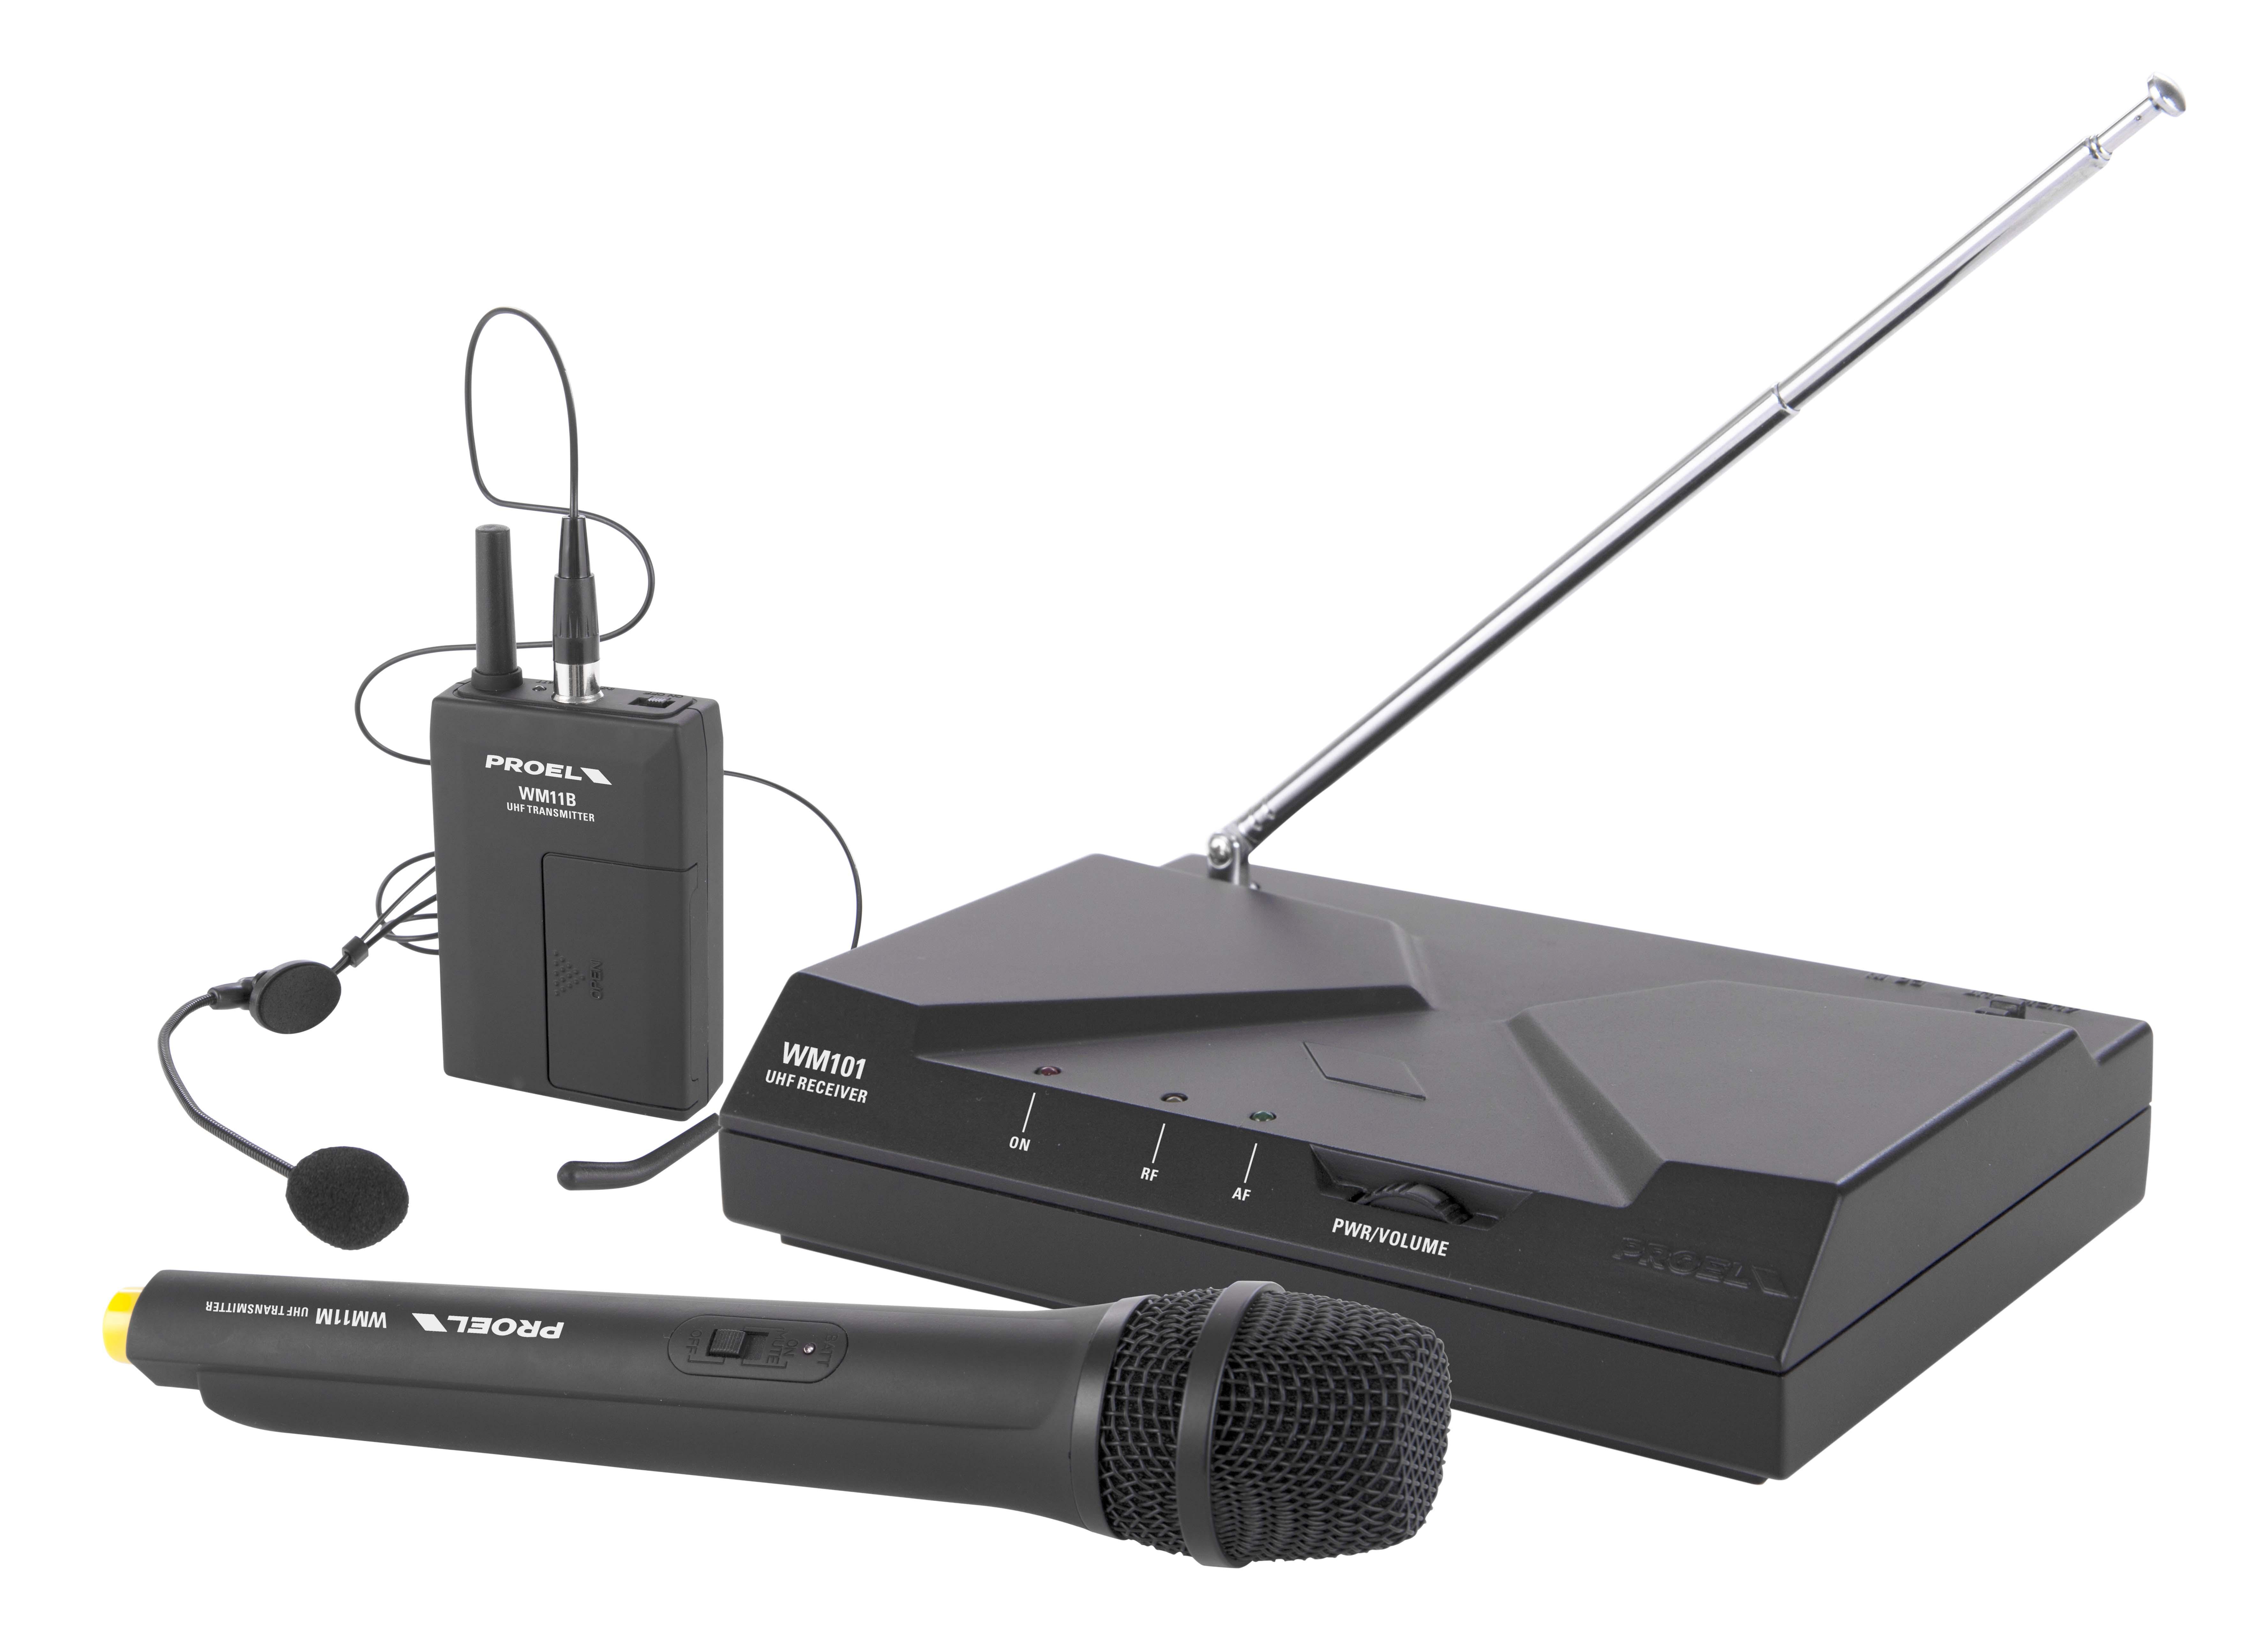 PROEL WM101KIT - UHF Wireless Microphone